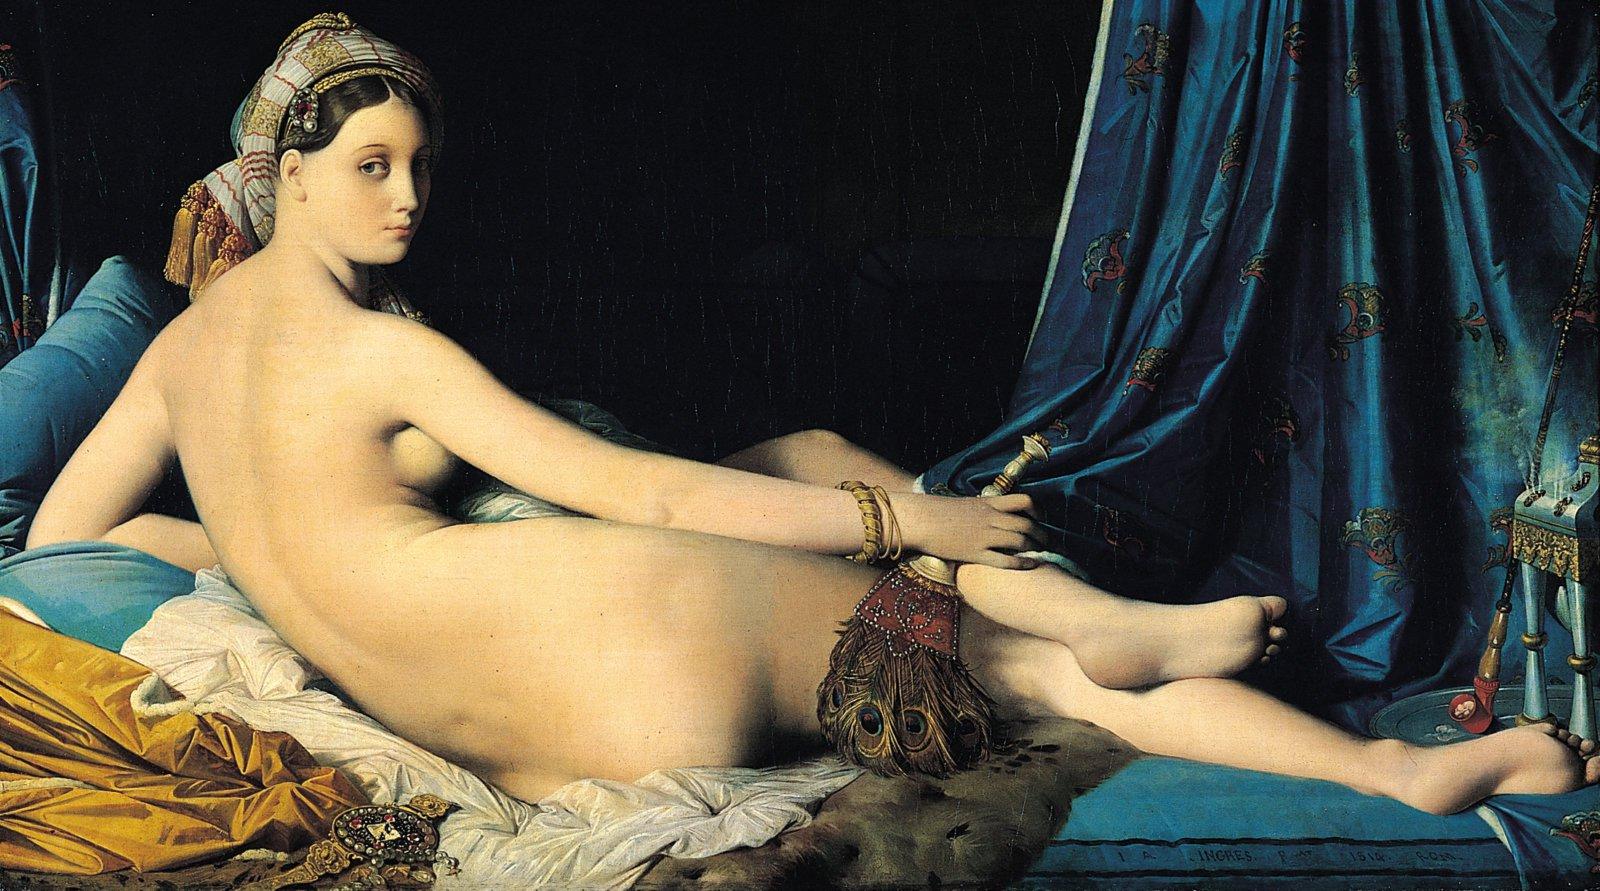 La Grande Odalisque, Ingres (1814)